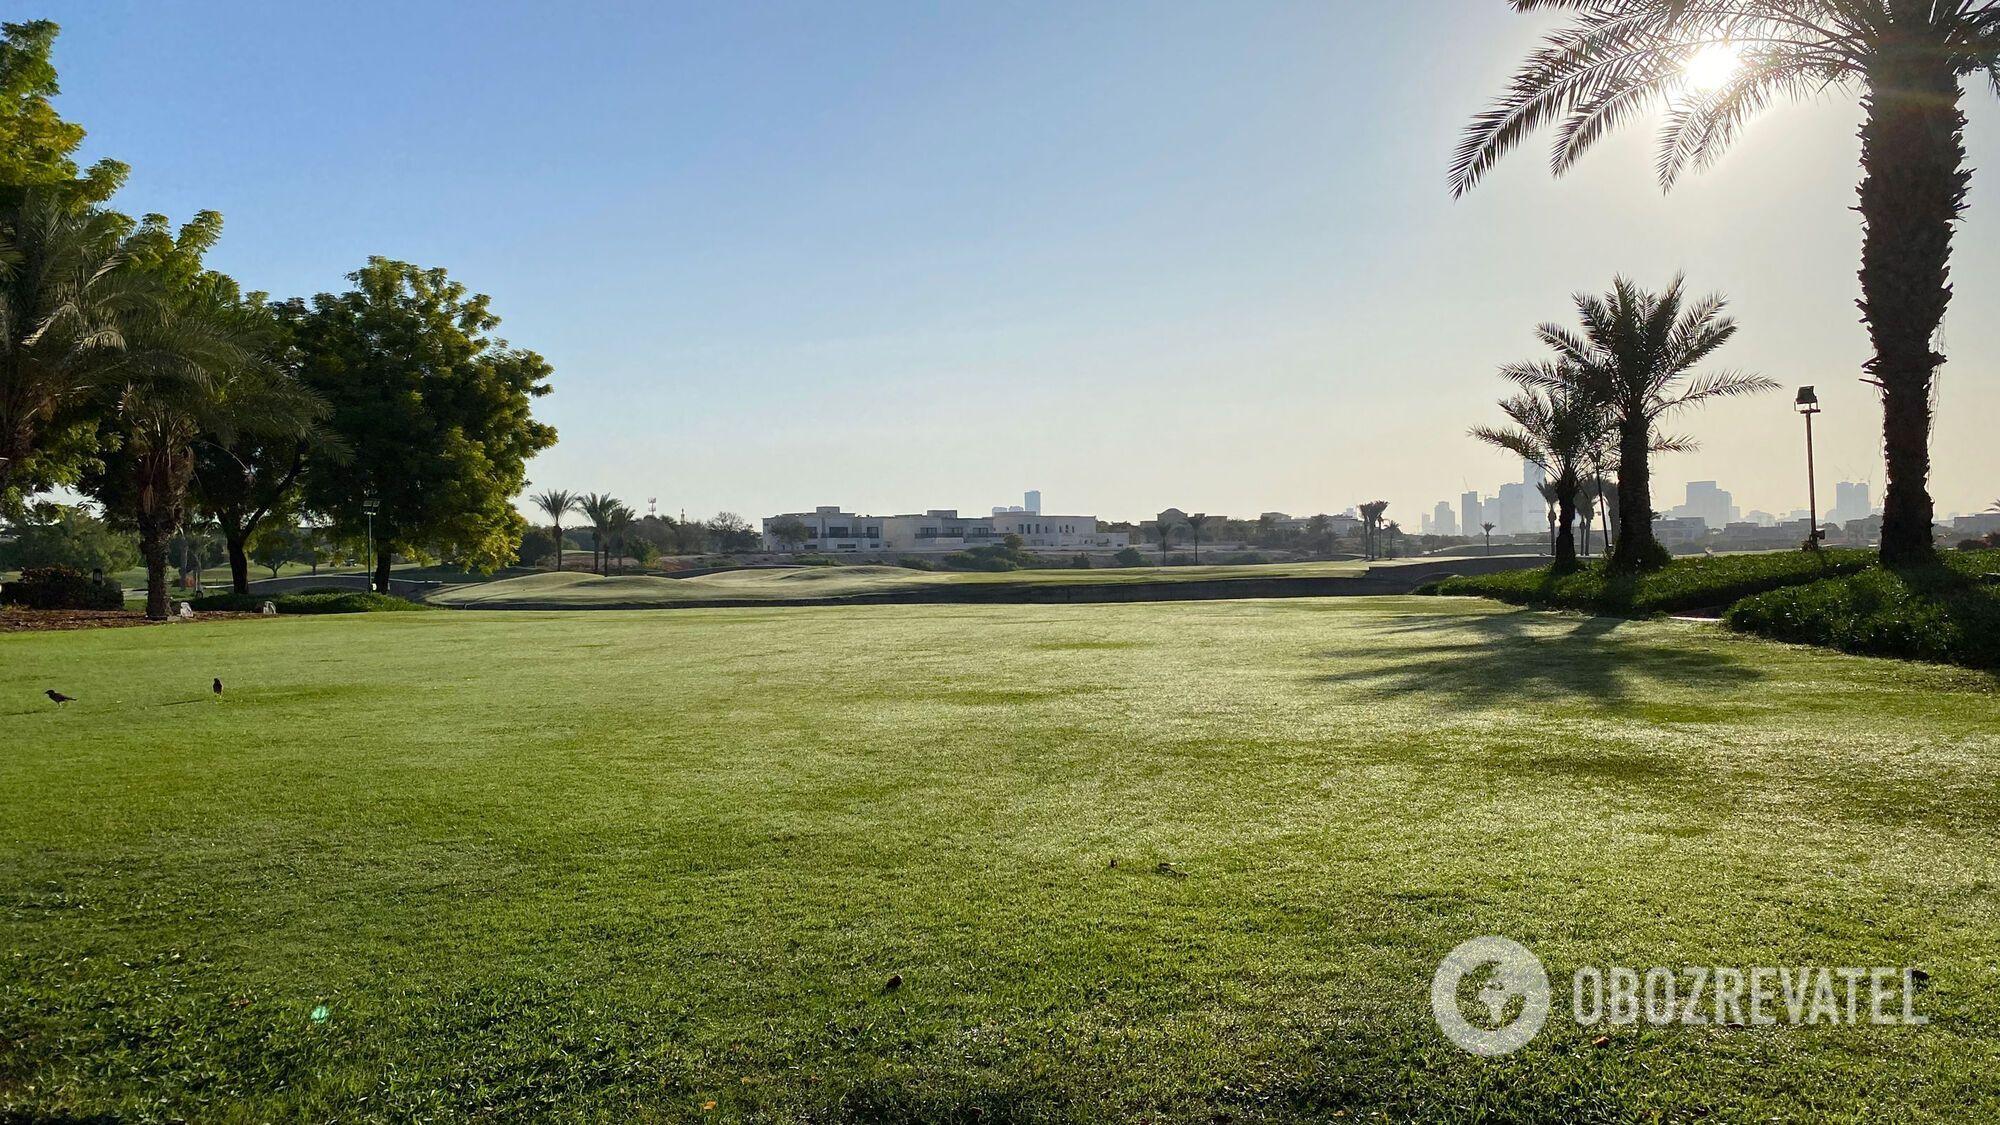 Дубай: еще можно успеть отдохнуть